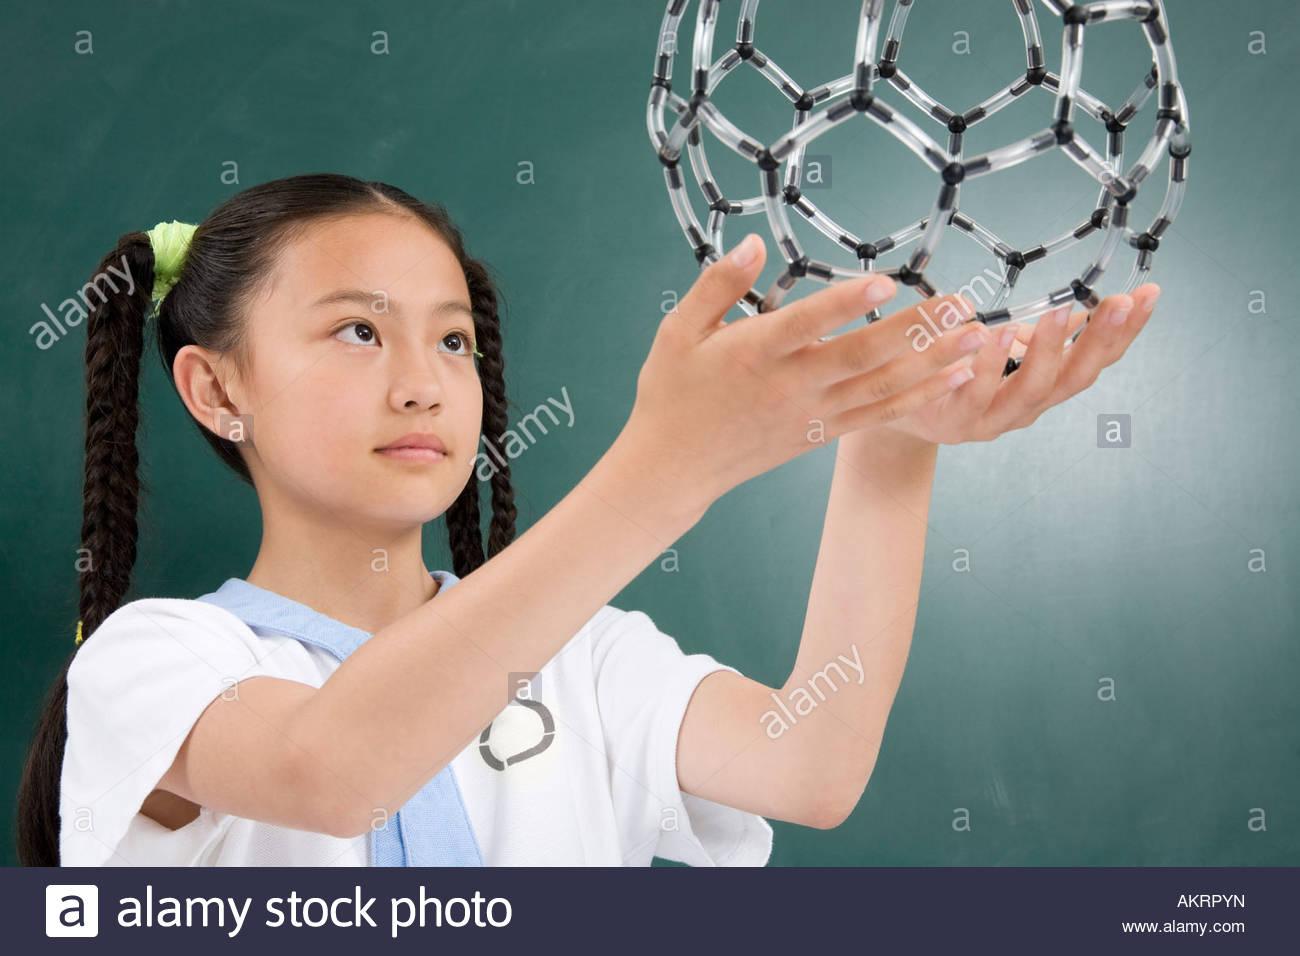 Una Chica sujetando un modelo de ciencia Imagen De Stock